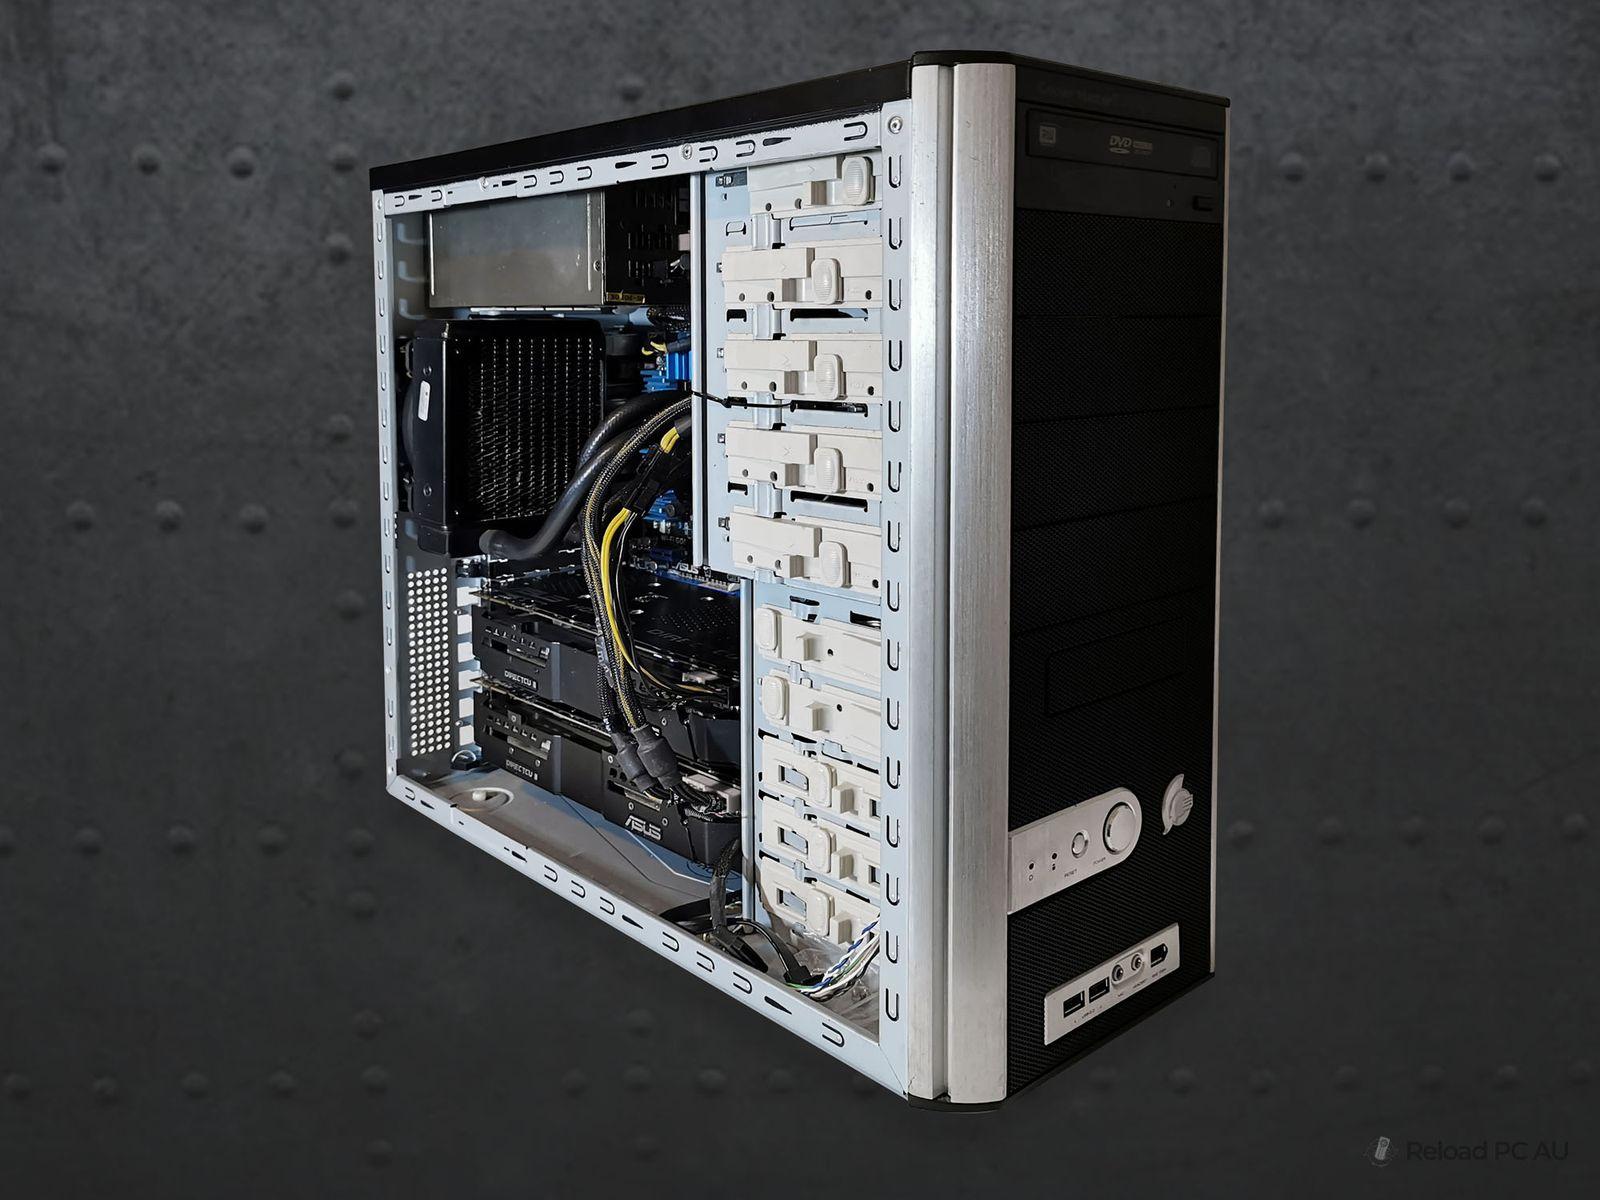 itas357k797xcm (Main image)